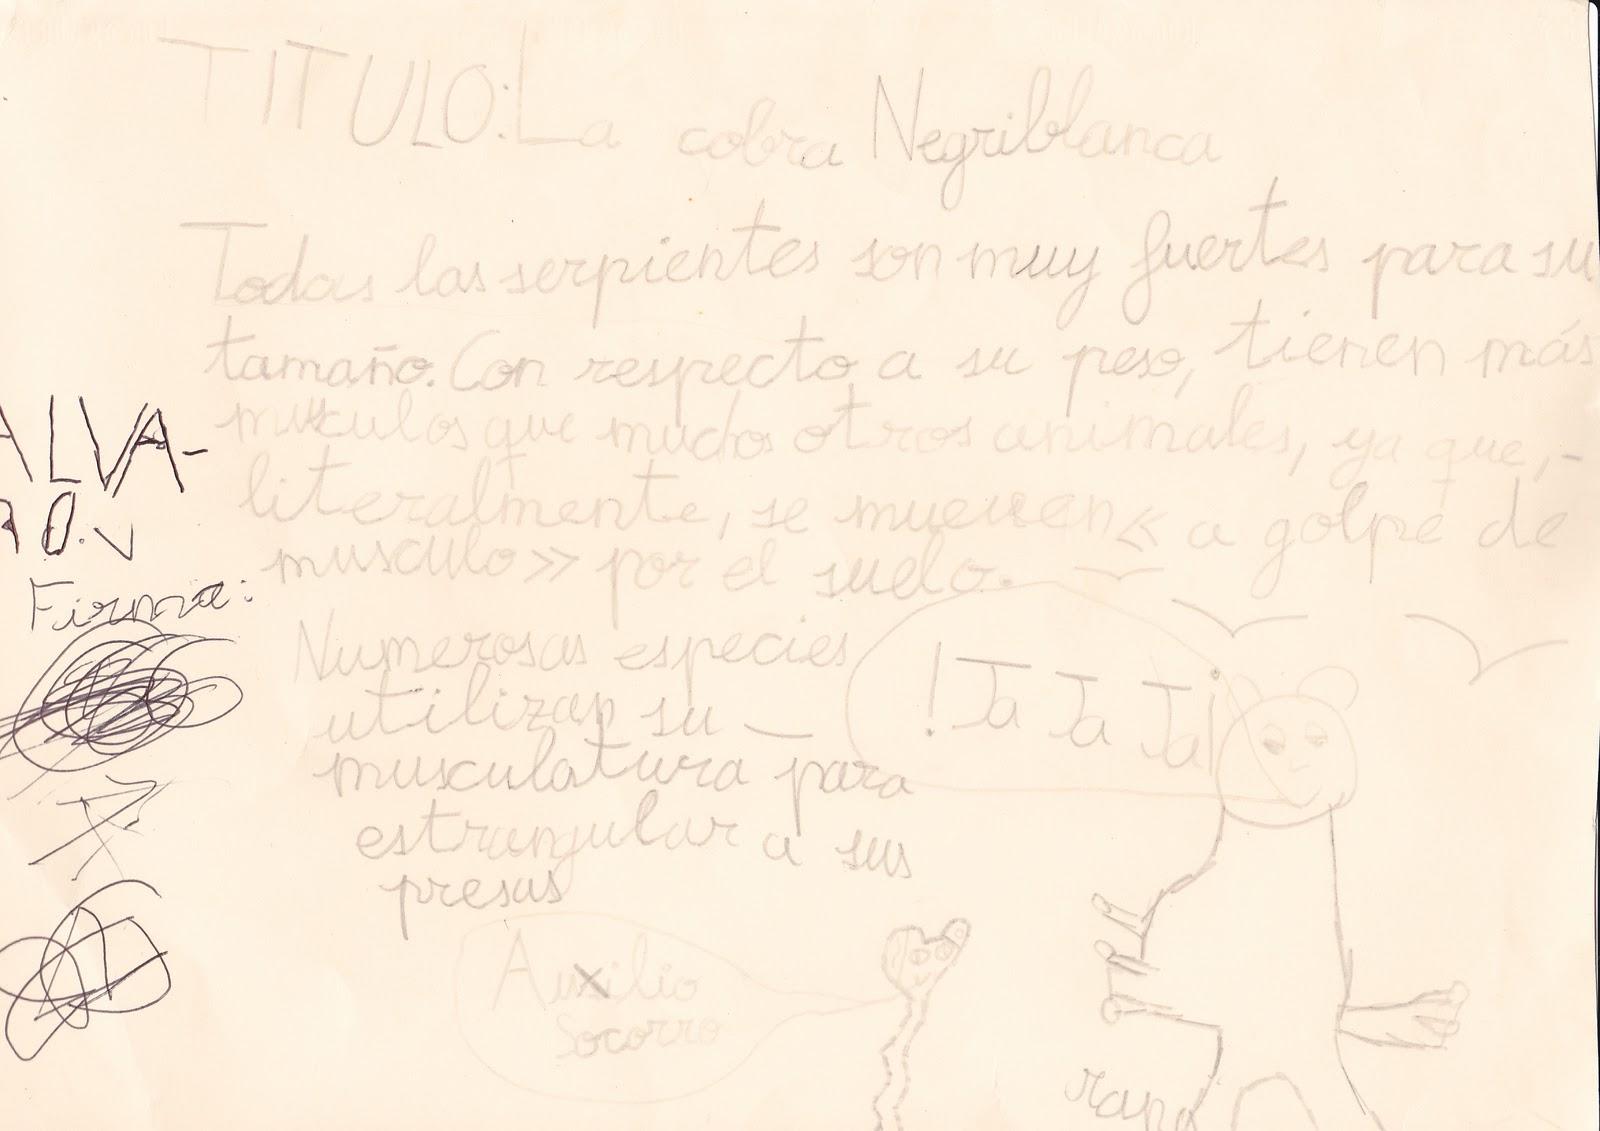 Ceip El Zargal Second Grade La Cobra Negriblanca Alvaro M